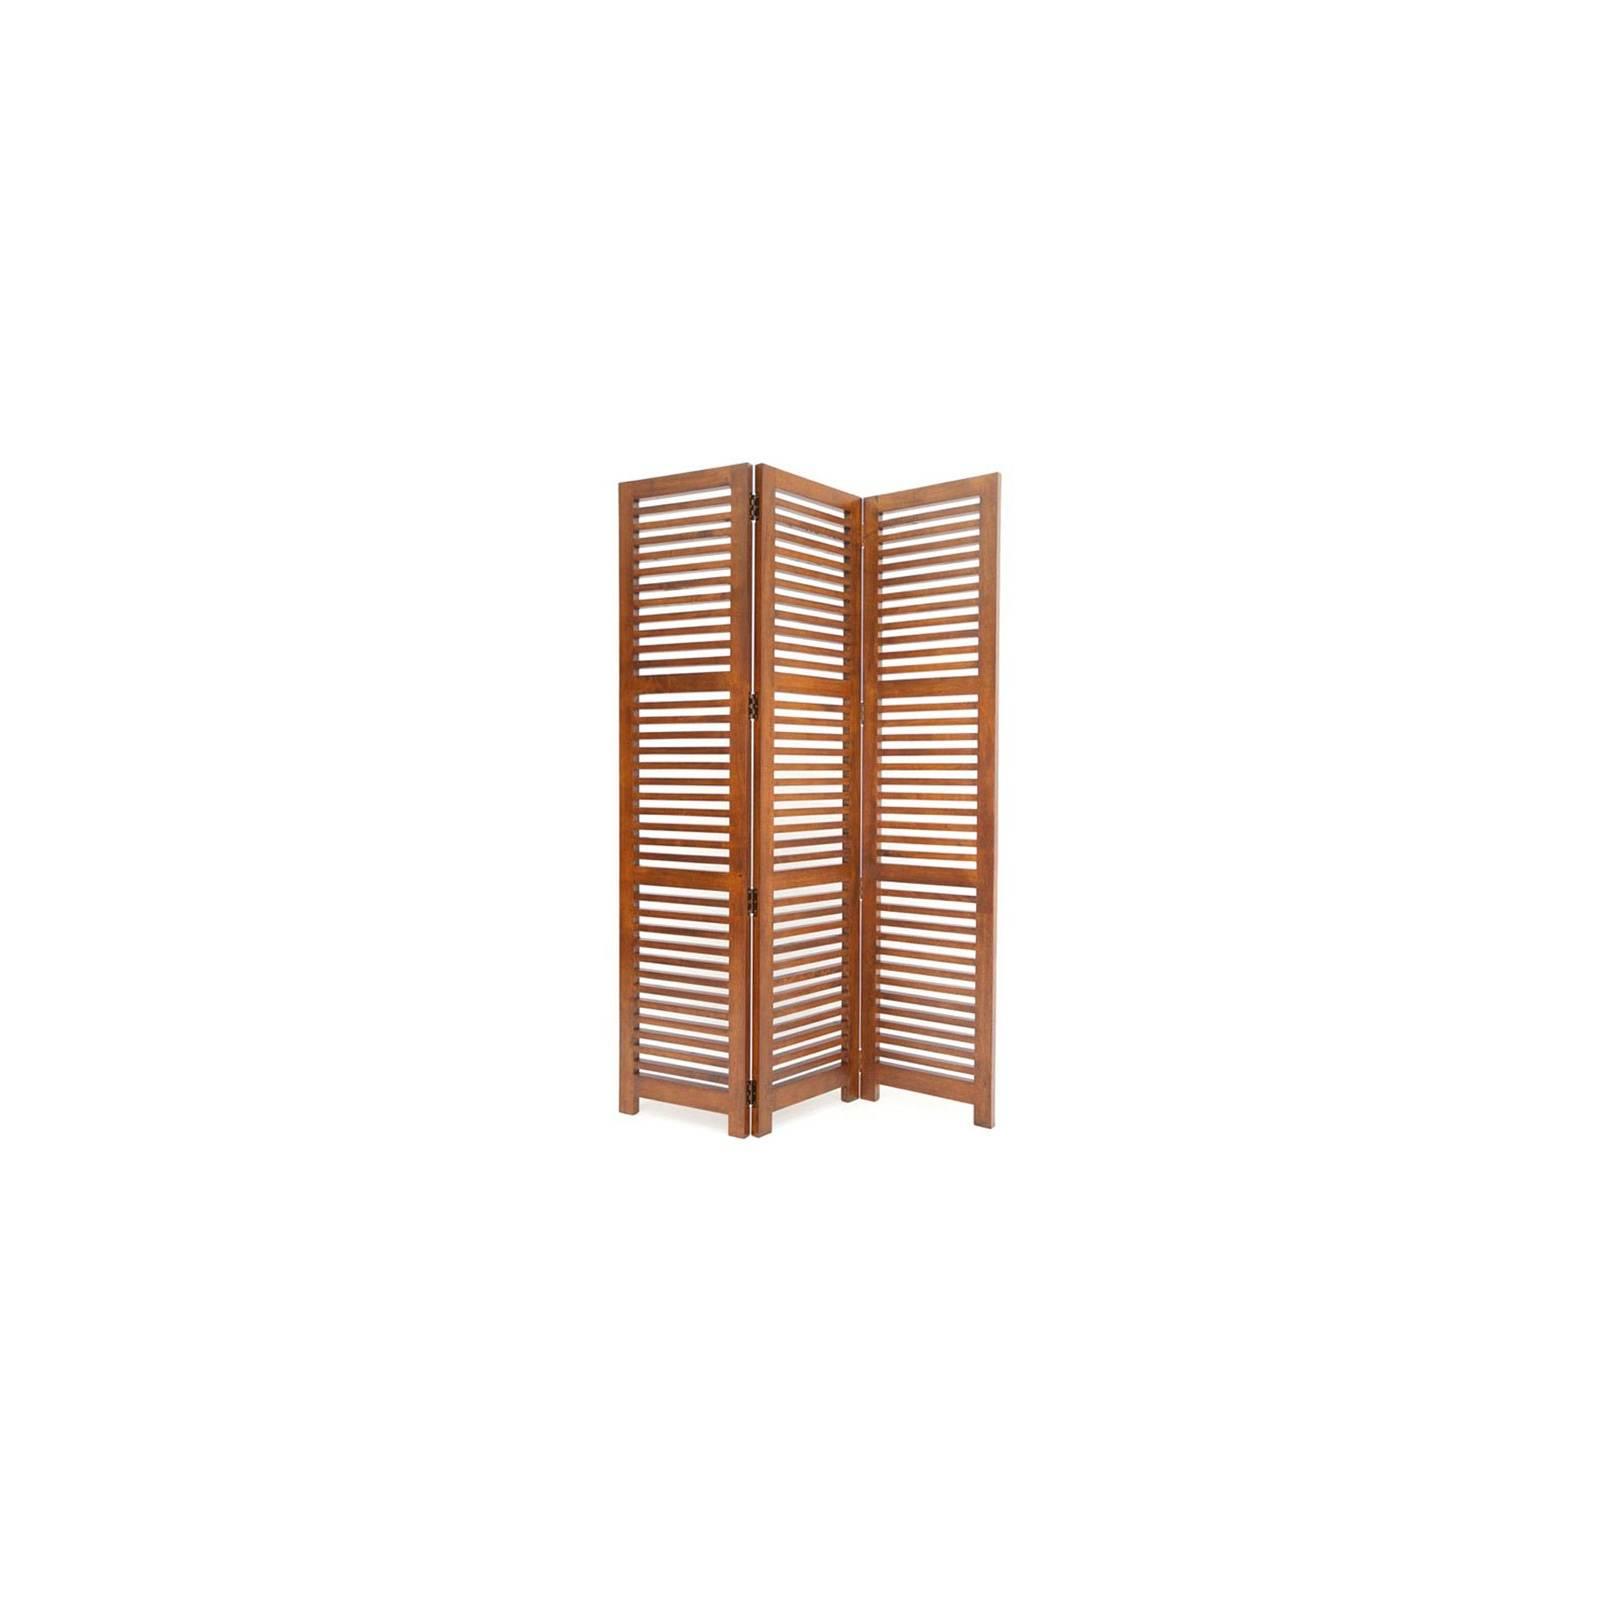 Paravent Tradition Hévéa - meuble style classique